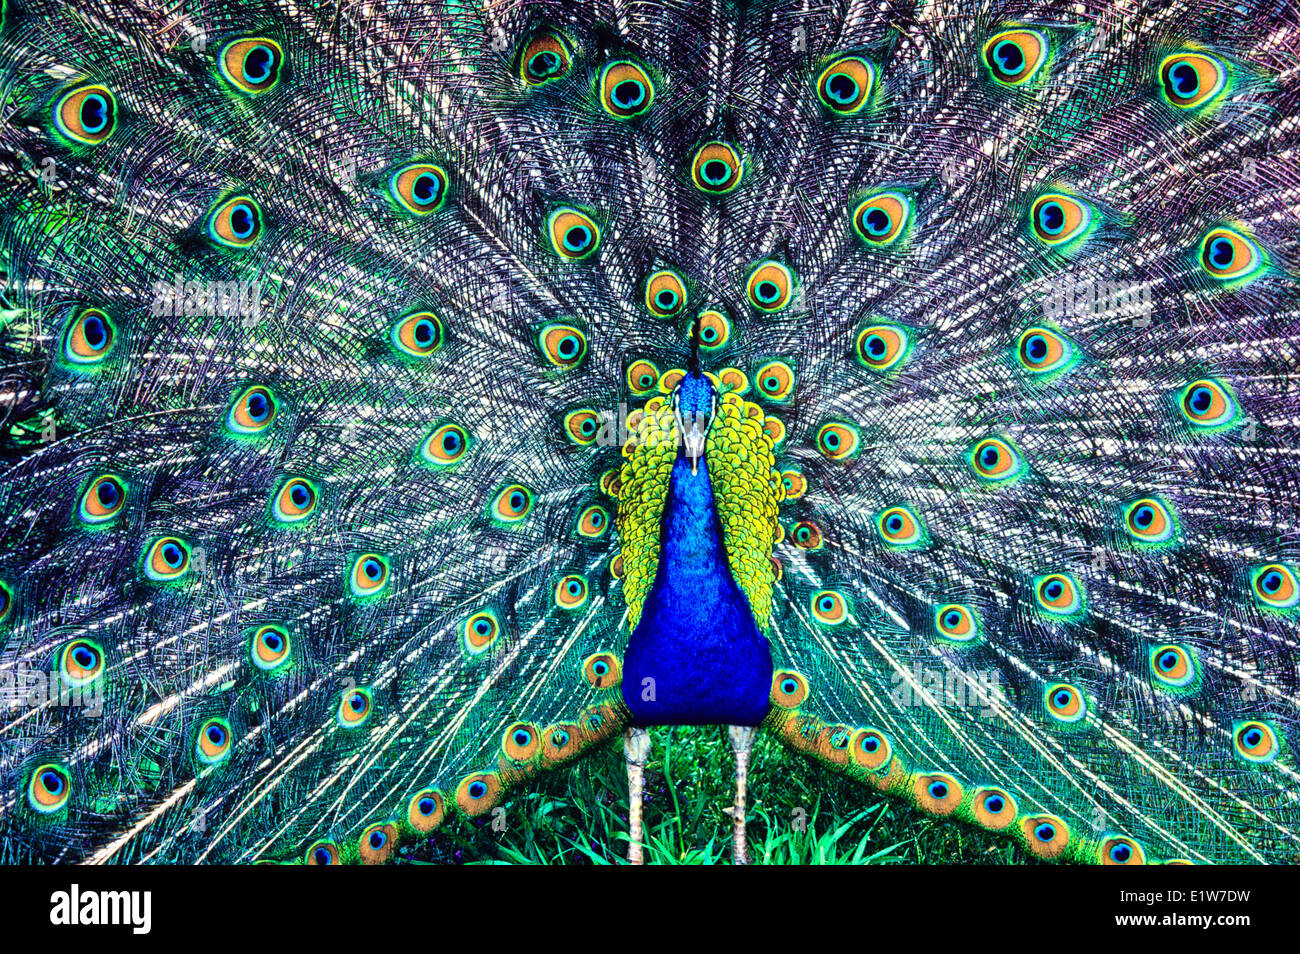 Blue Peacock, (Pavo cristatus) - Stock Image